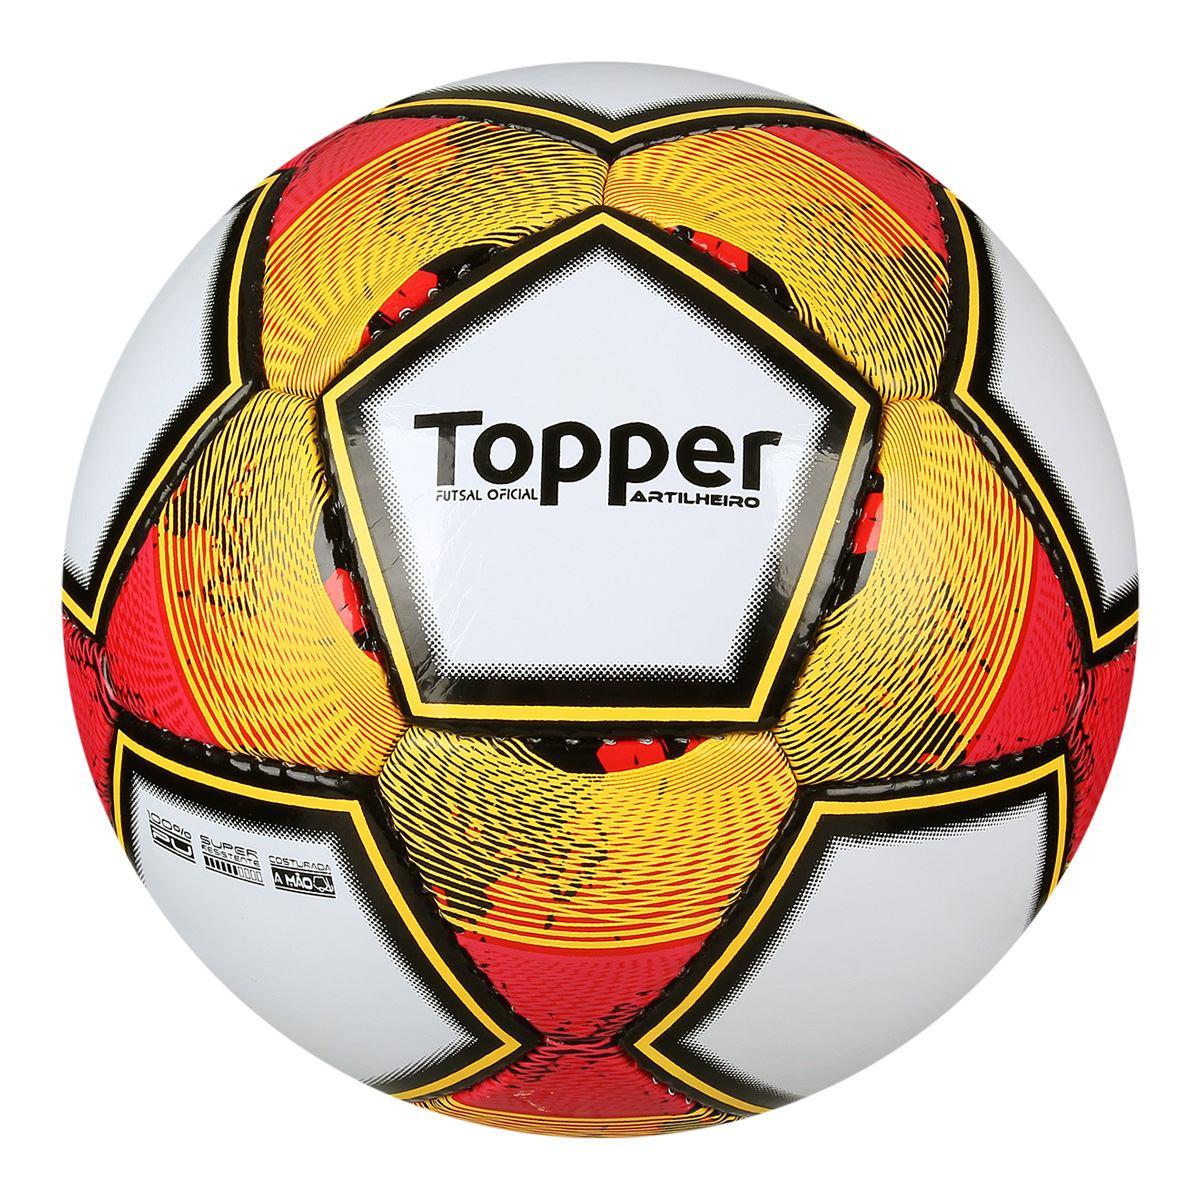 2d5168964f bola futsal topper artilheiro super resistente. Carregando zoom.